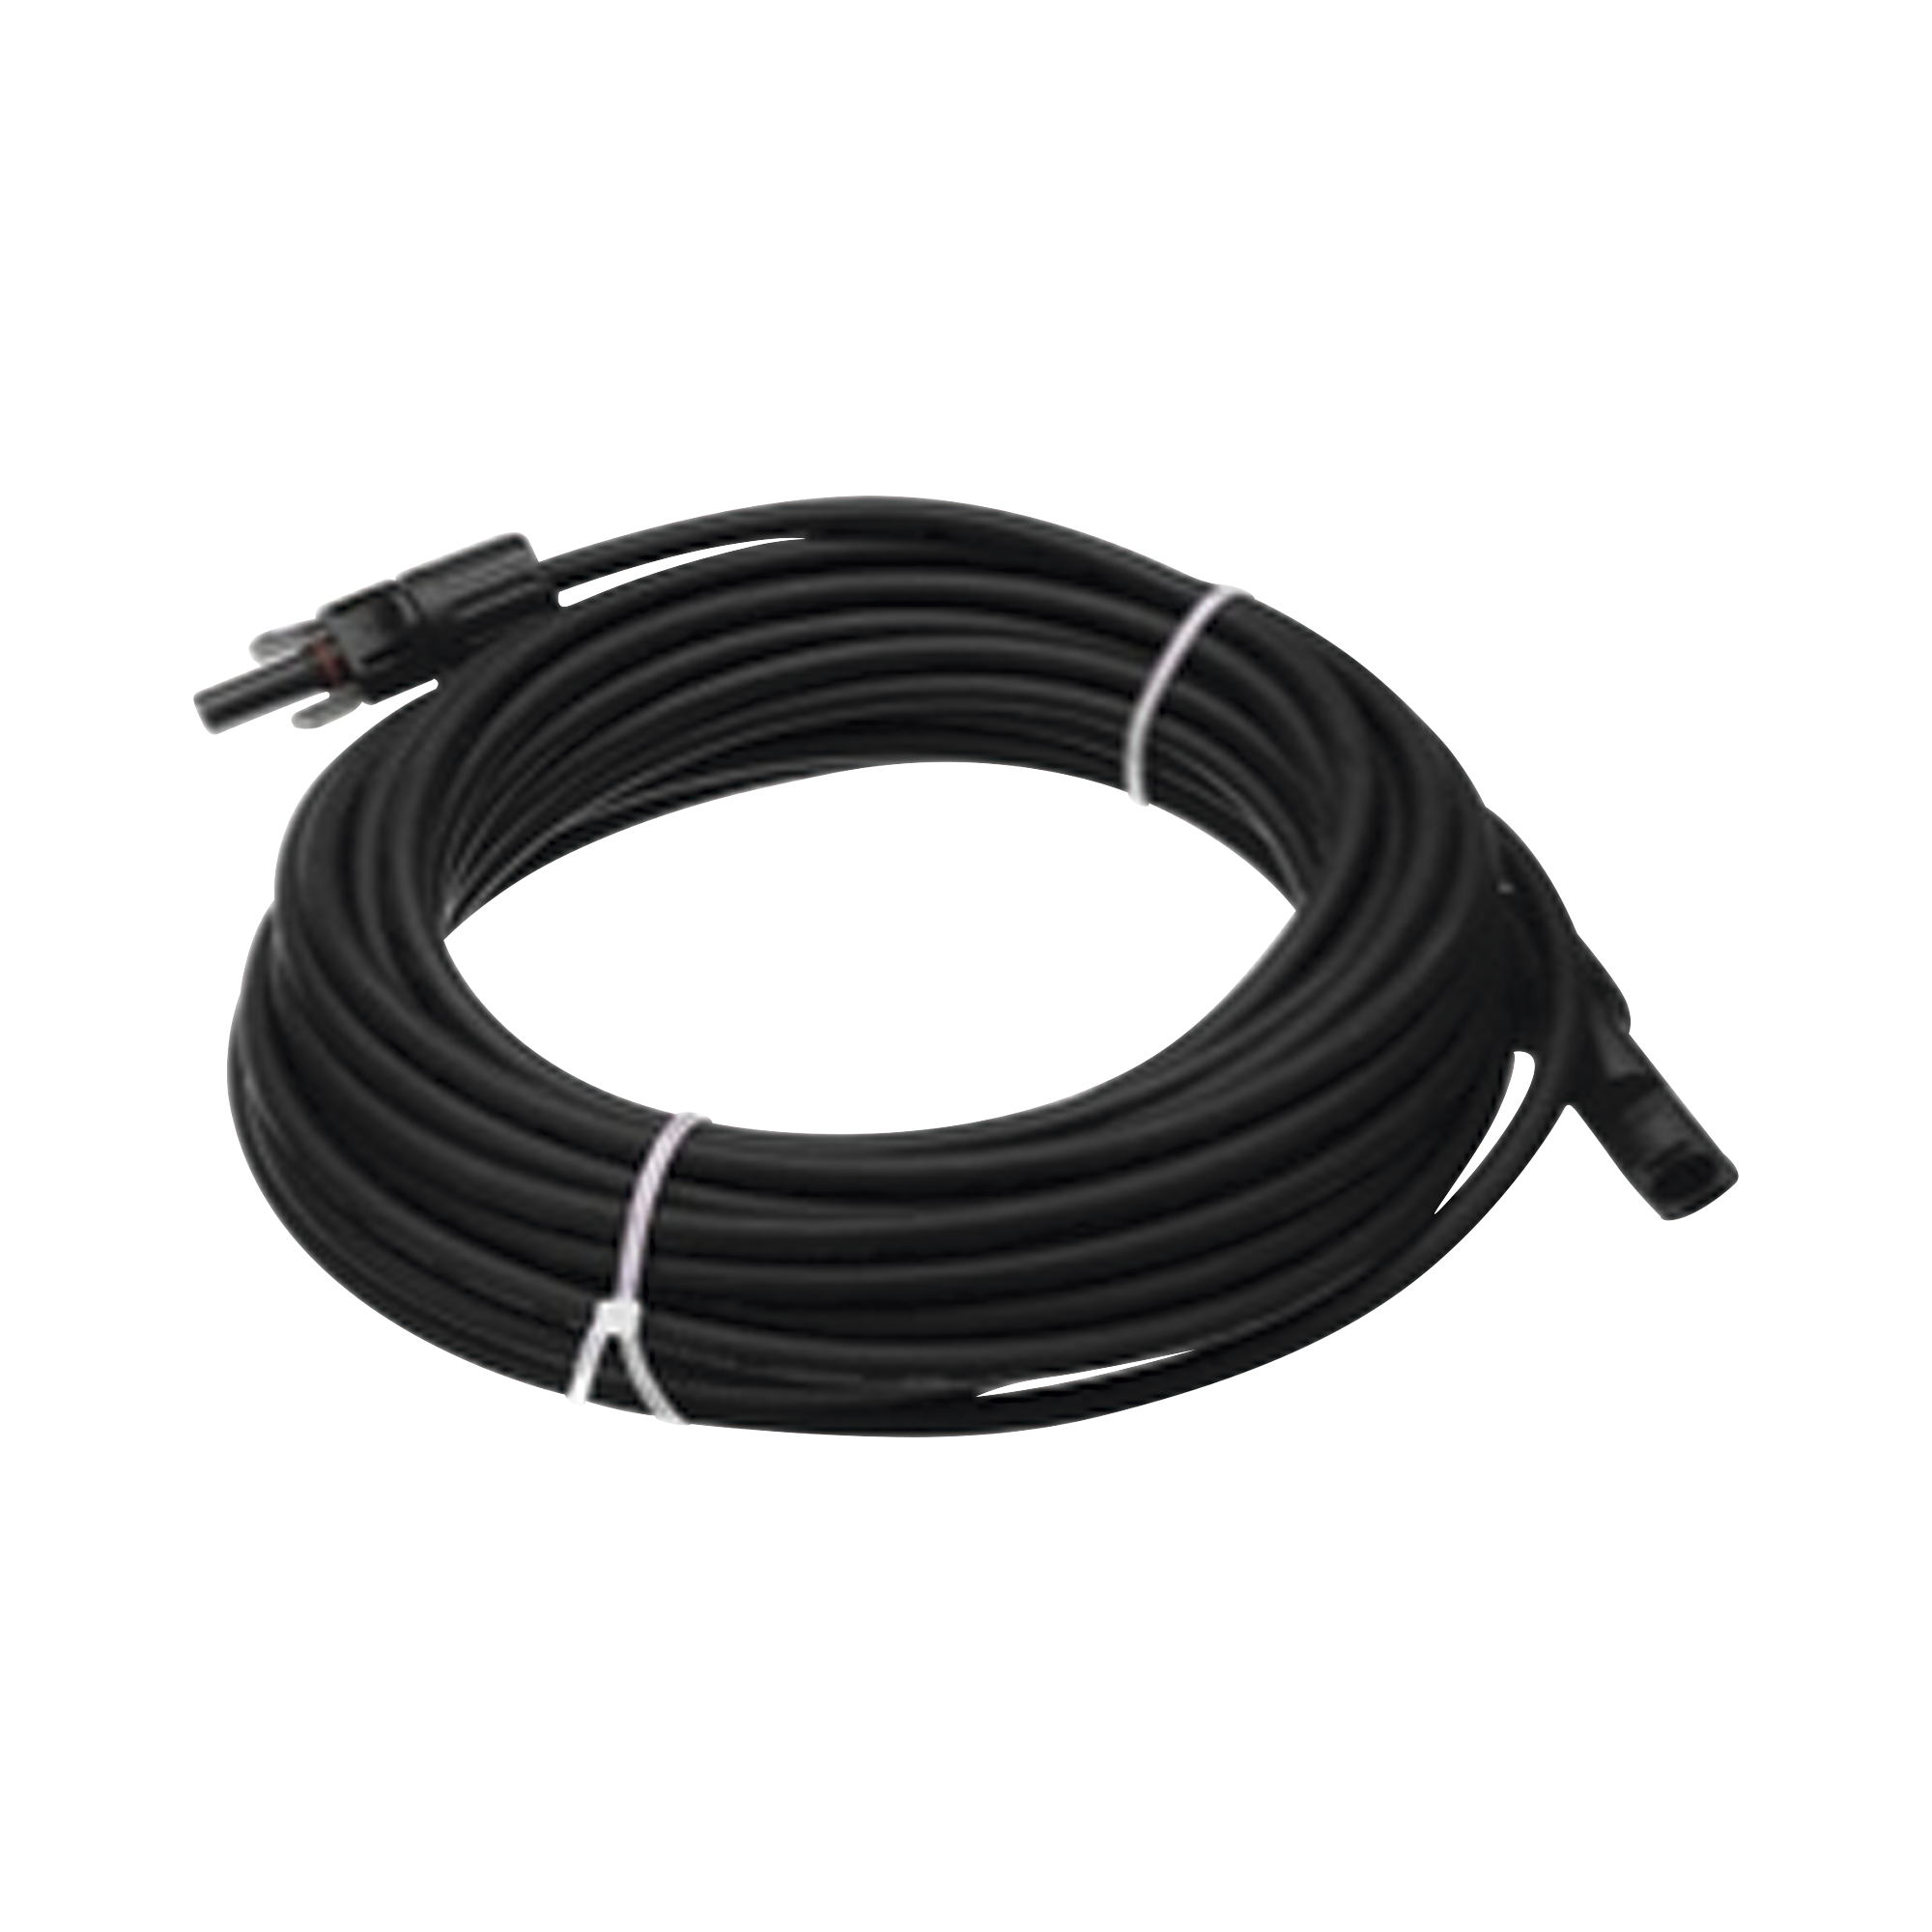 Cable Fotovoltaico 50 m, Negro, Calibre 10 AWG con Terminales MC4 en Ambos Extremos